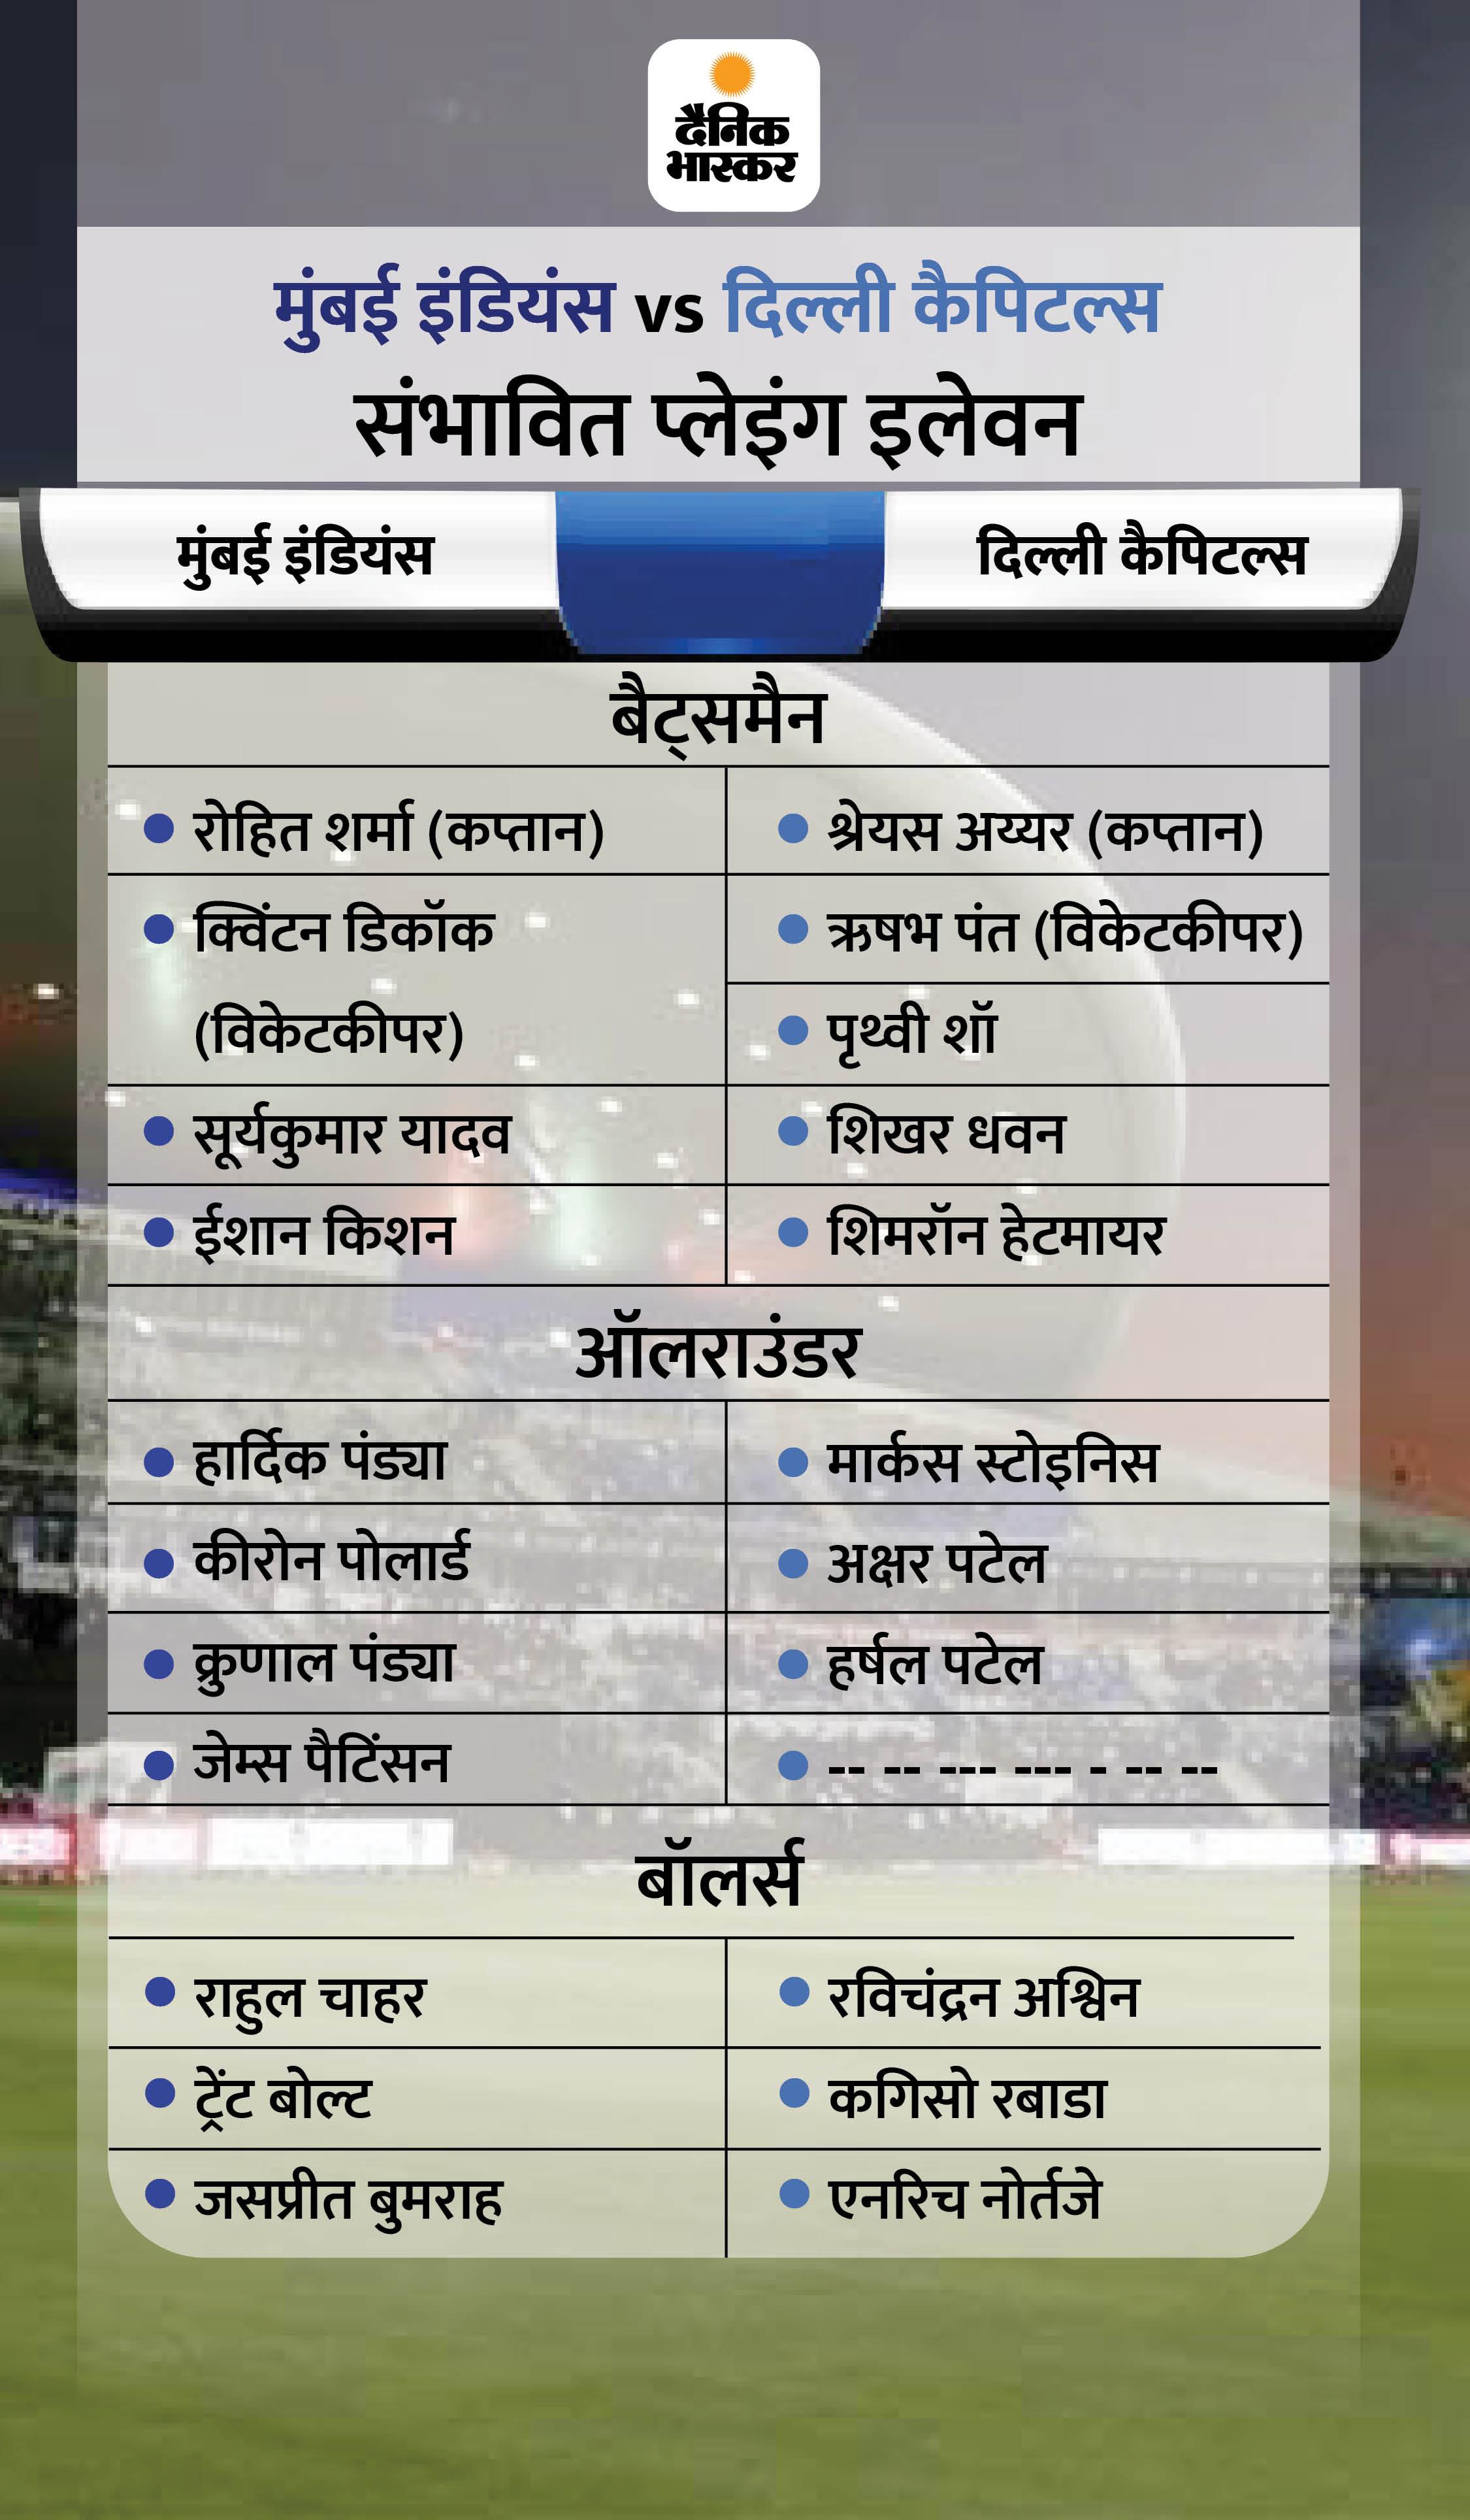 रोहित फिफ्टी लगाते ही कोहली और रैना को पीछे छोड़ देंगे, मुंबई के पास मैच जीतकर पॉइंट्स टेबल में टॉप पर पहुंचने का मौका